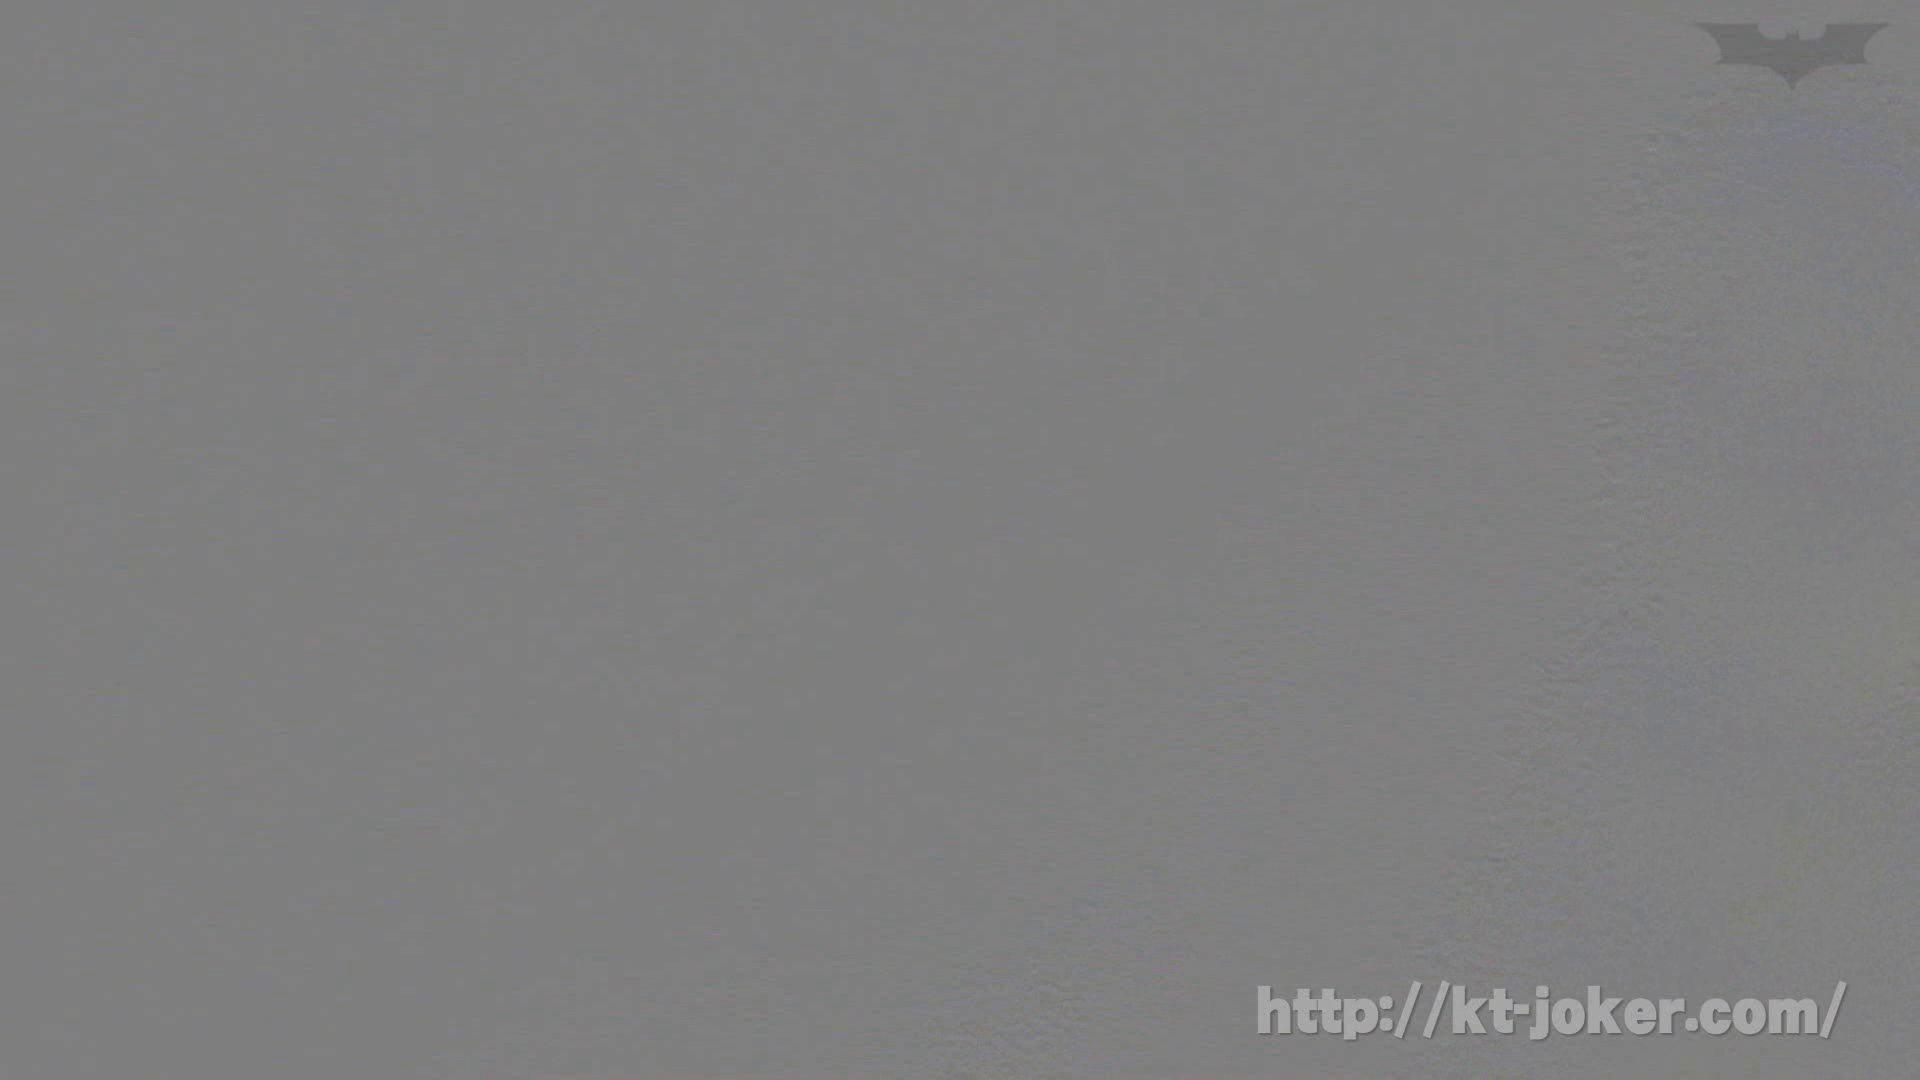 命がけ潜伏洗面所! vol.68 レベルアップ!! 0 | 0  28画像 17